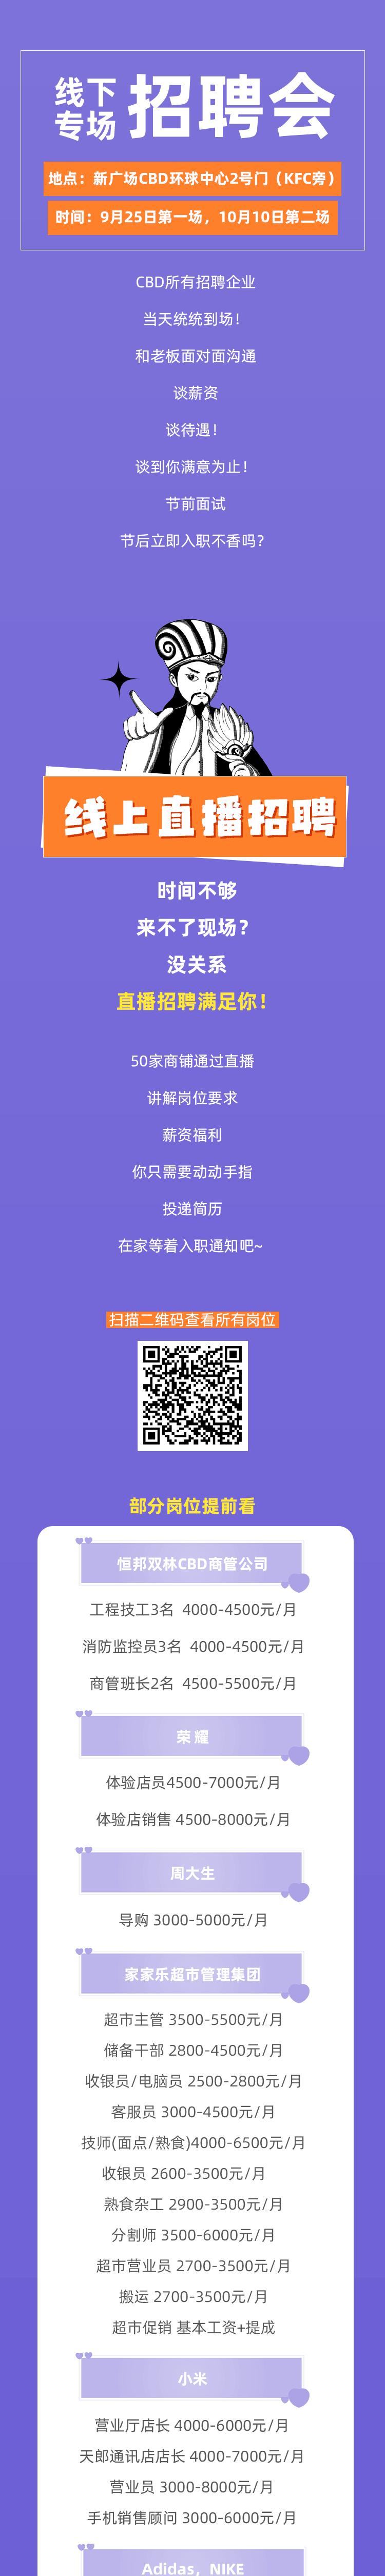 推文_02.png